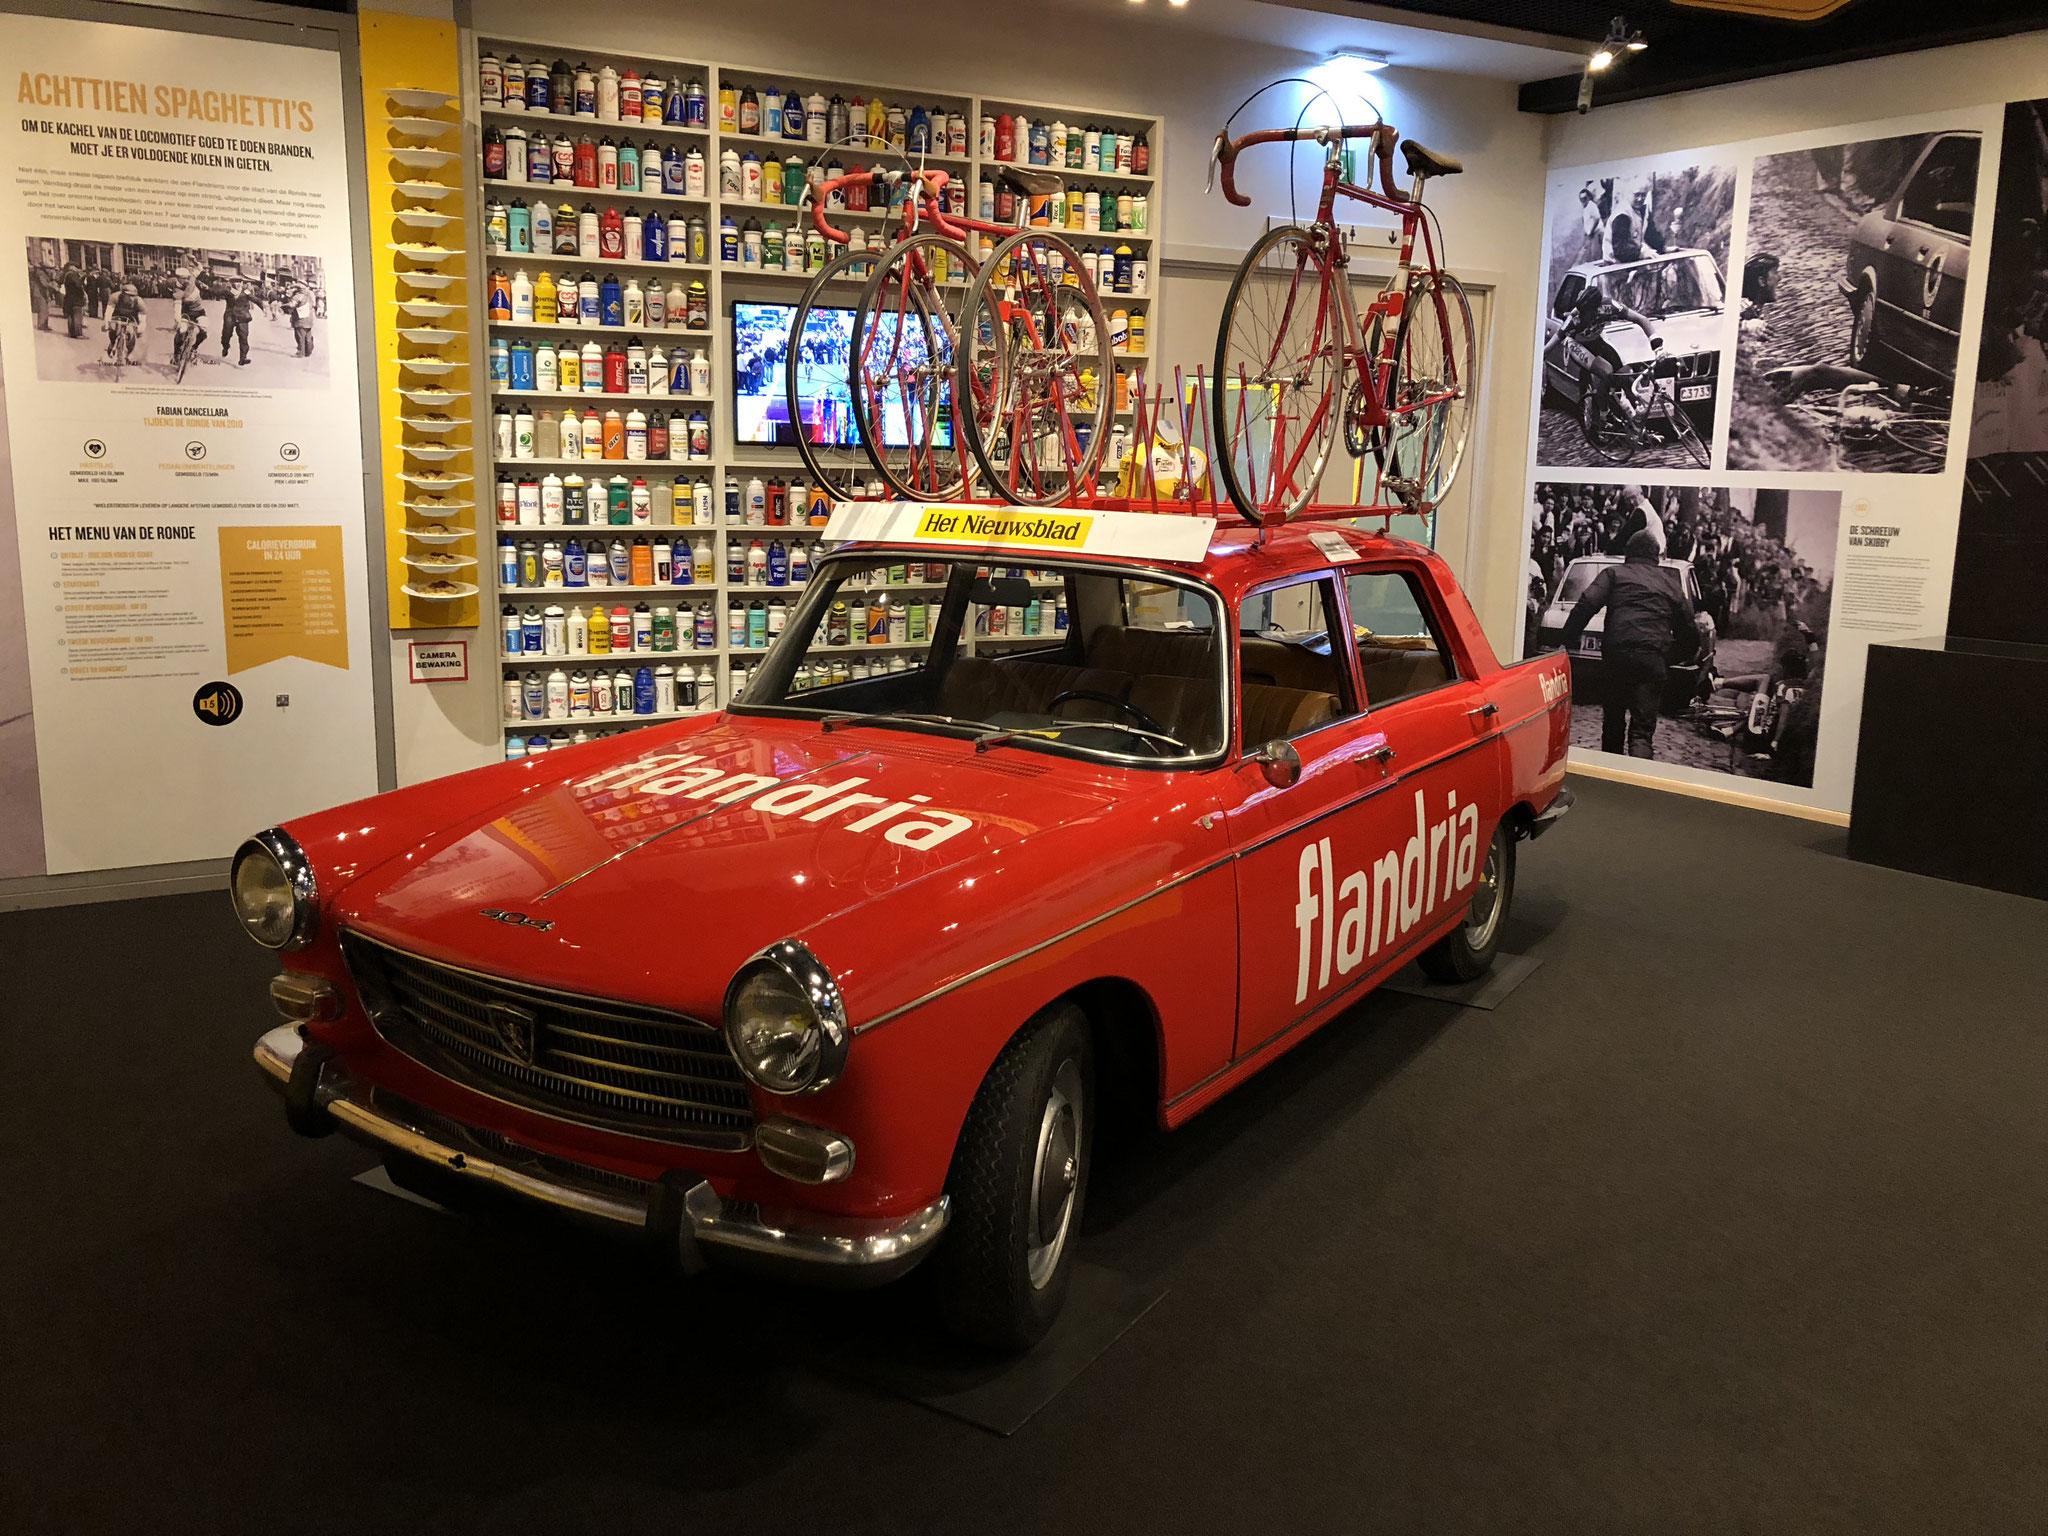 Fahrzeug des legendären Flandria-Teams. Die Mannschaft des belgischen Fahrrad- und Motorradherstellers Claeys Flandria war von 1959 bis 1979 unterwegs.